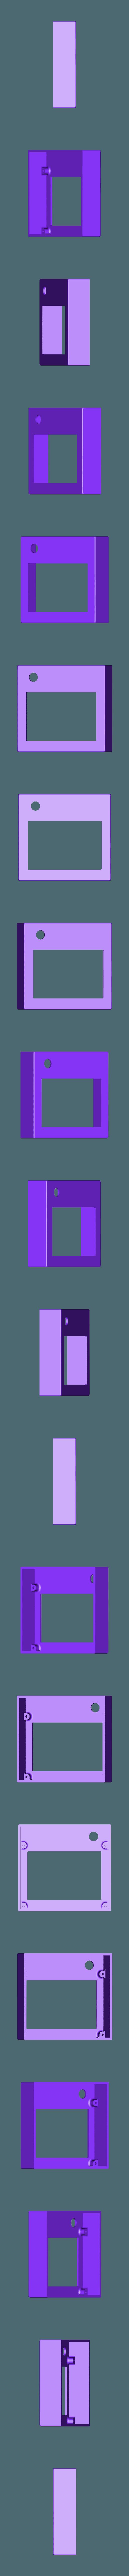 Cr10-S_Screen_Front_v1.stl Télécharger fichier STL gratuit CR10(S) Support de tamis pour aluminium extrudé 20x20 ou 20x40 • Plan à imprimer en 3D, 3DED